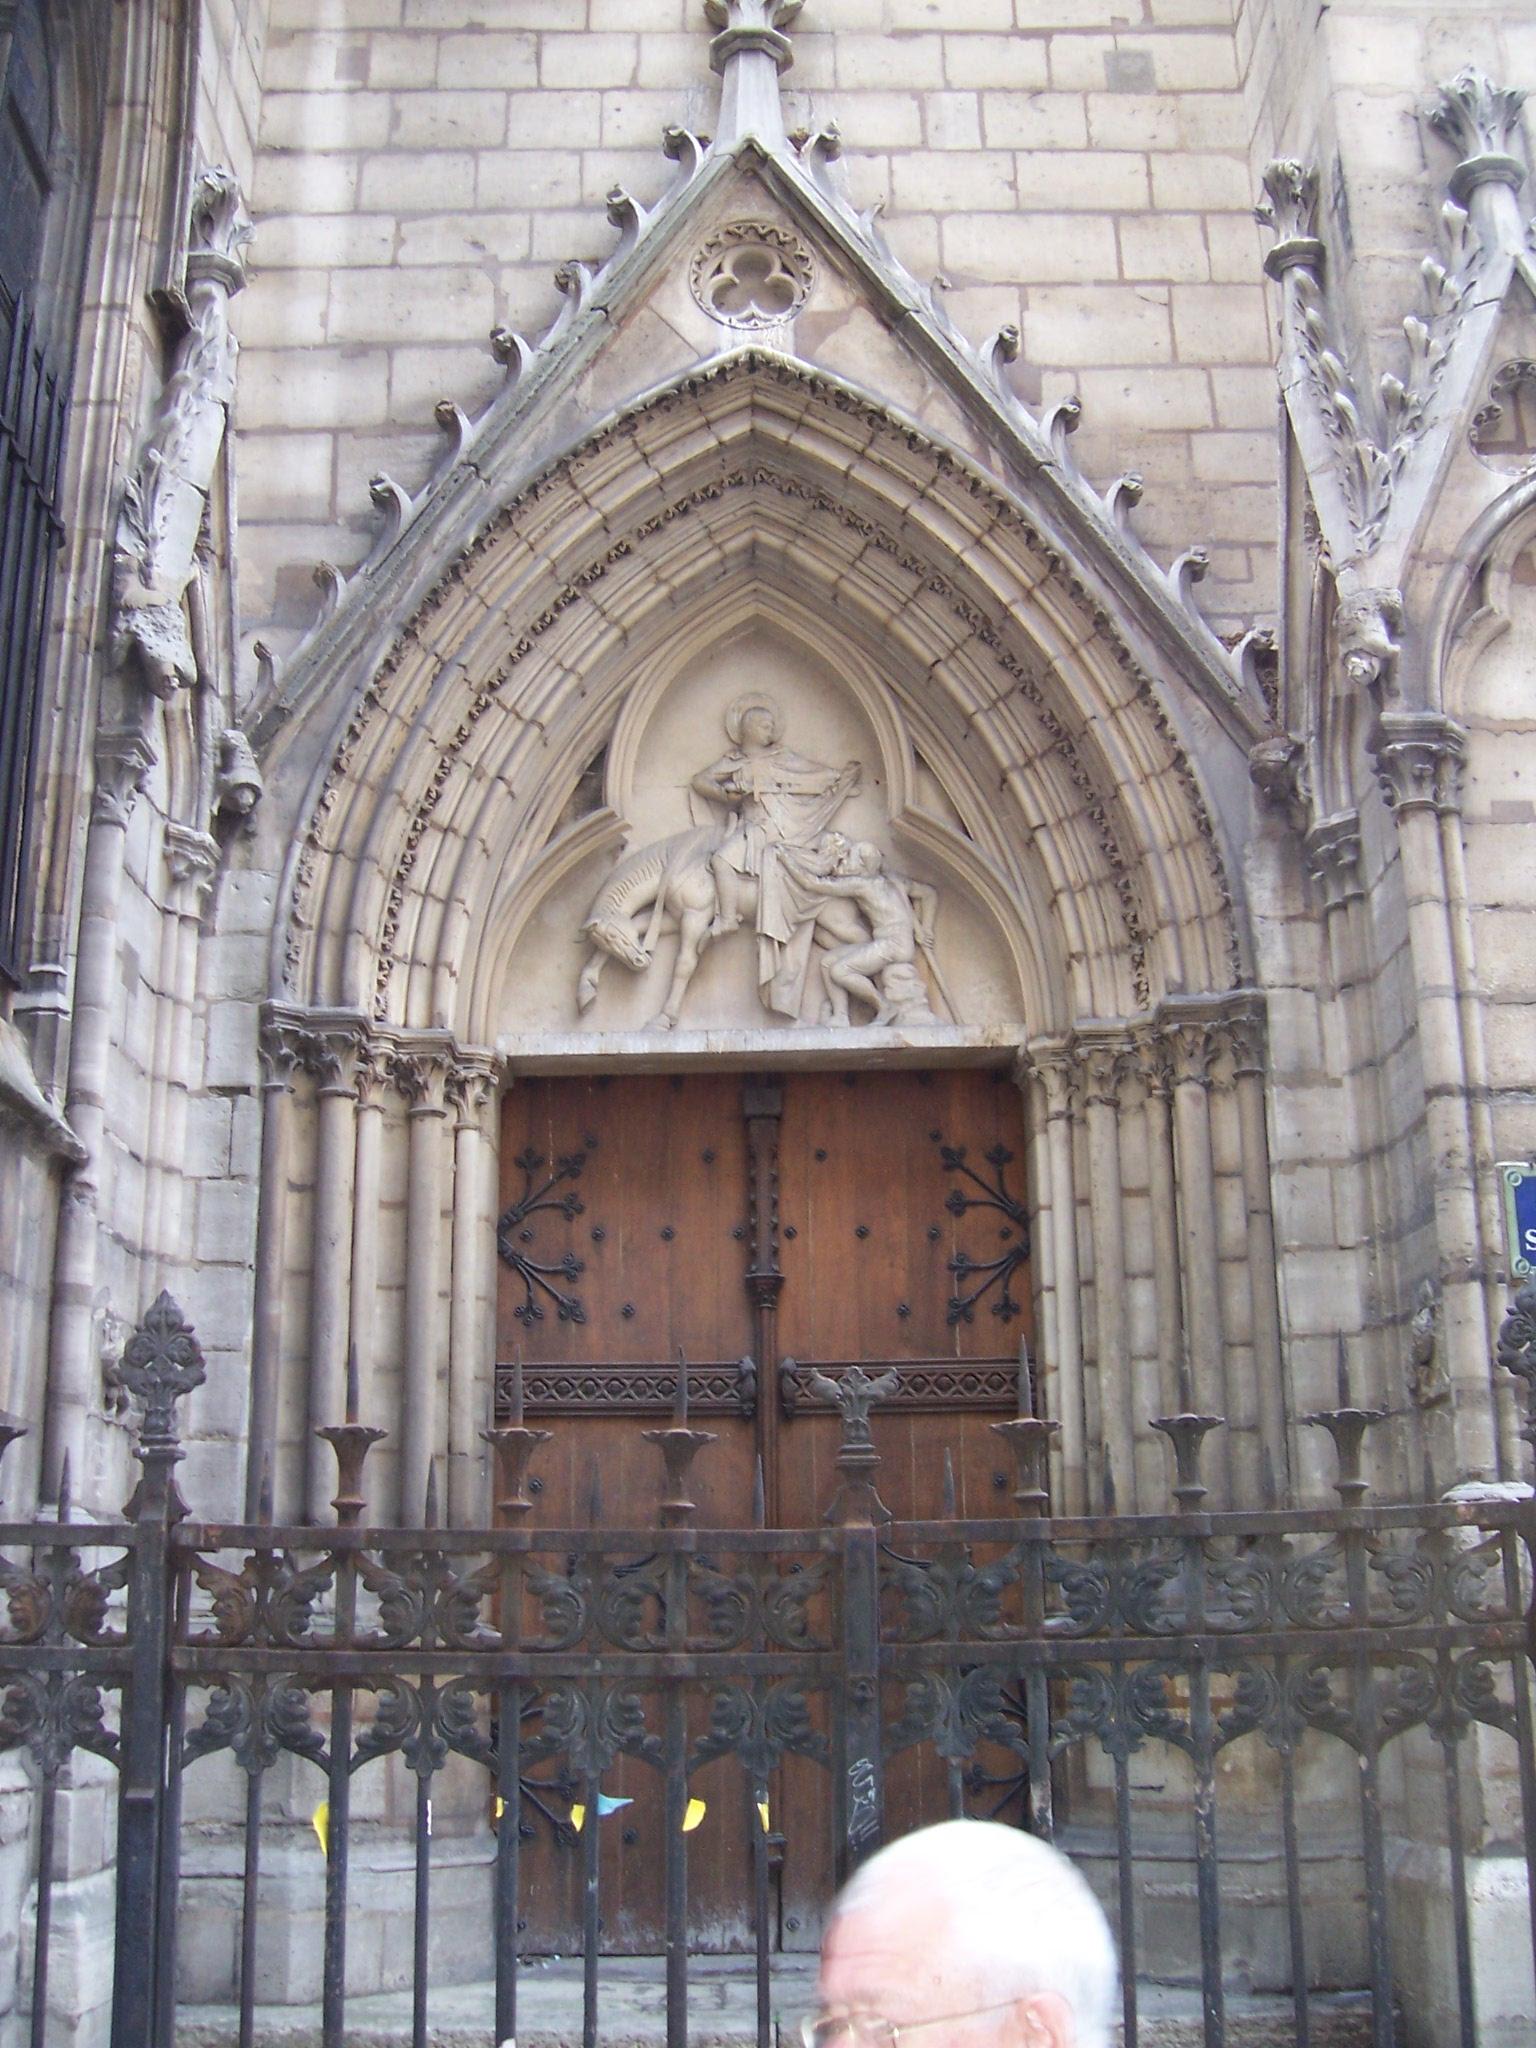 Photo du portail de l'église Saint Séverin à Paris quartier Saint Michel